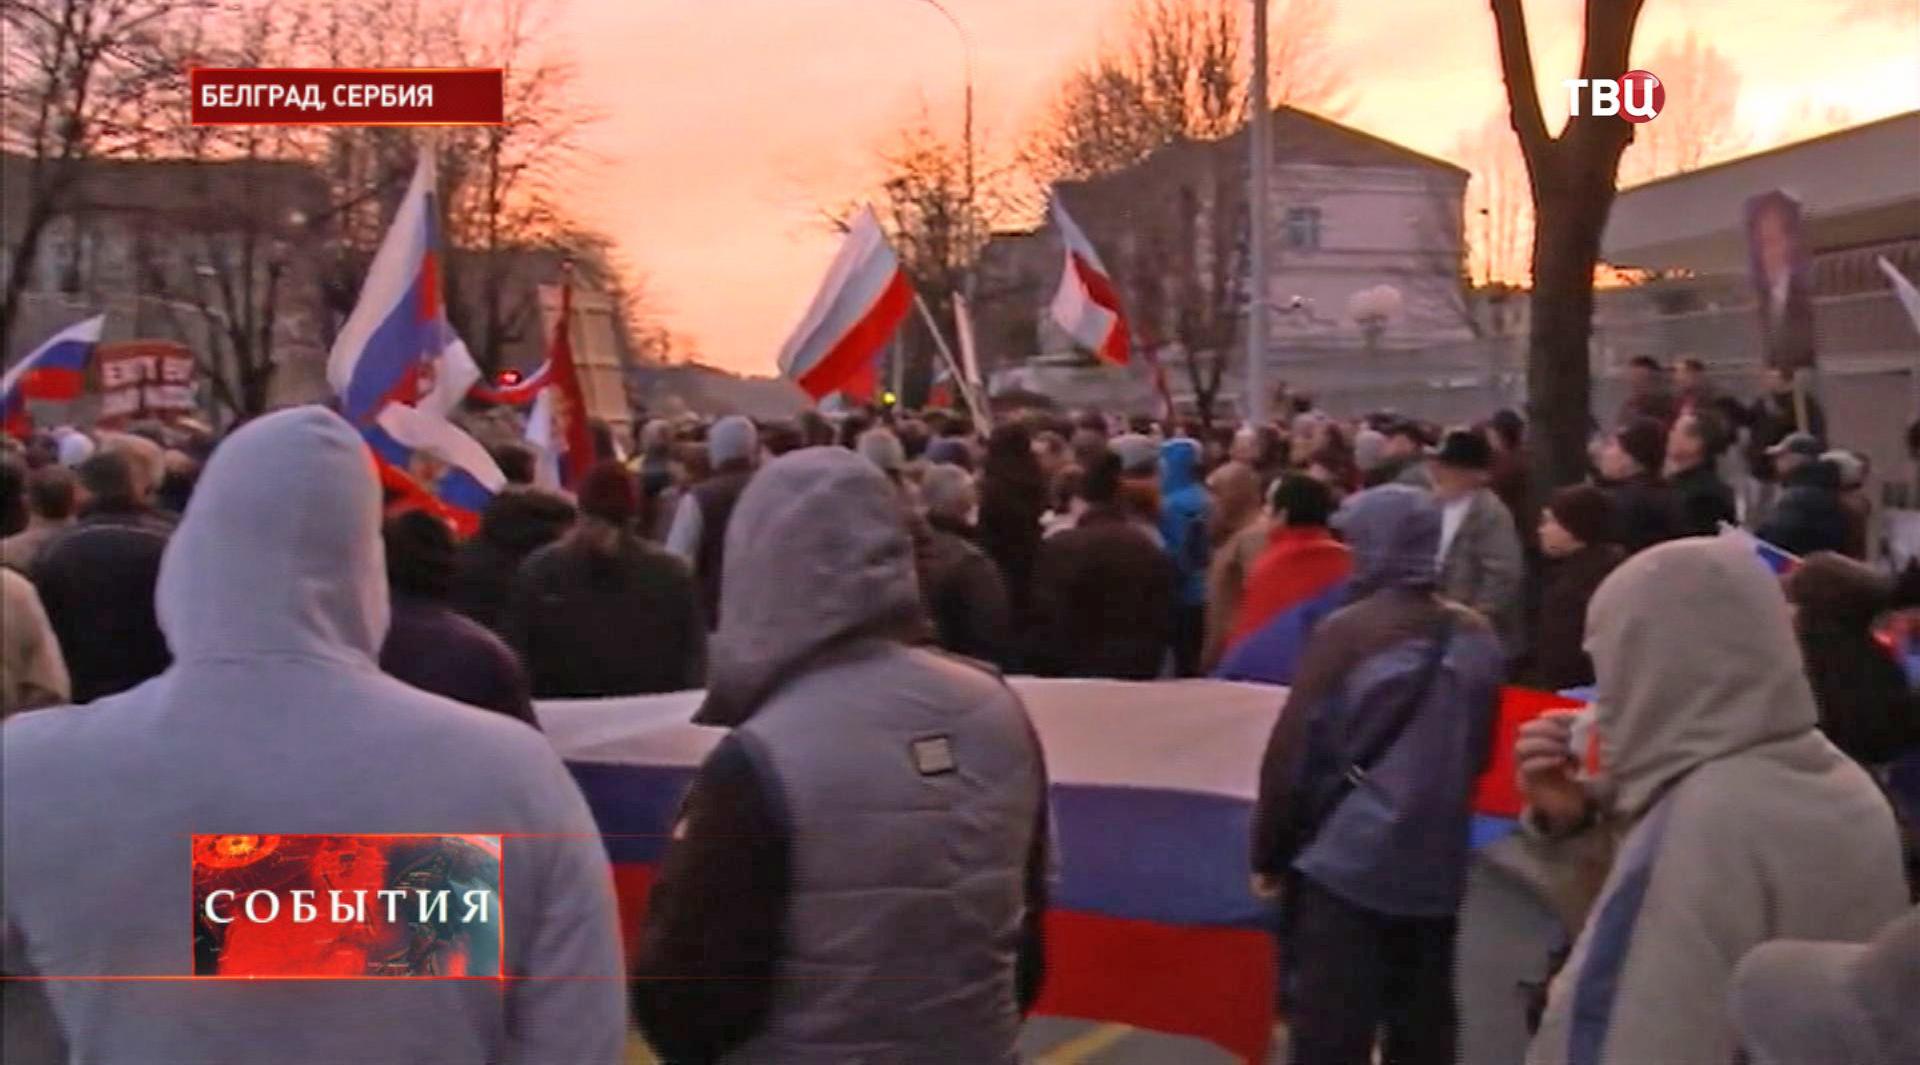 Памятные мероприятия в Сербии